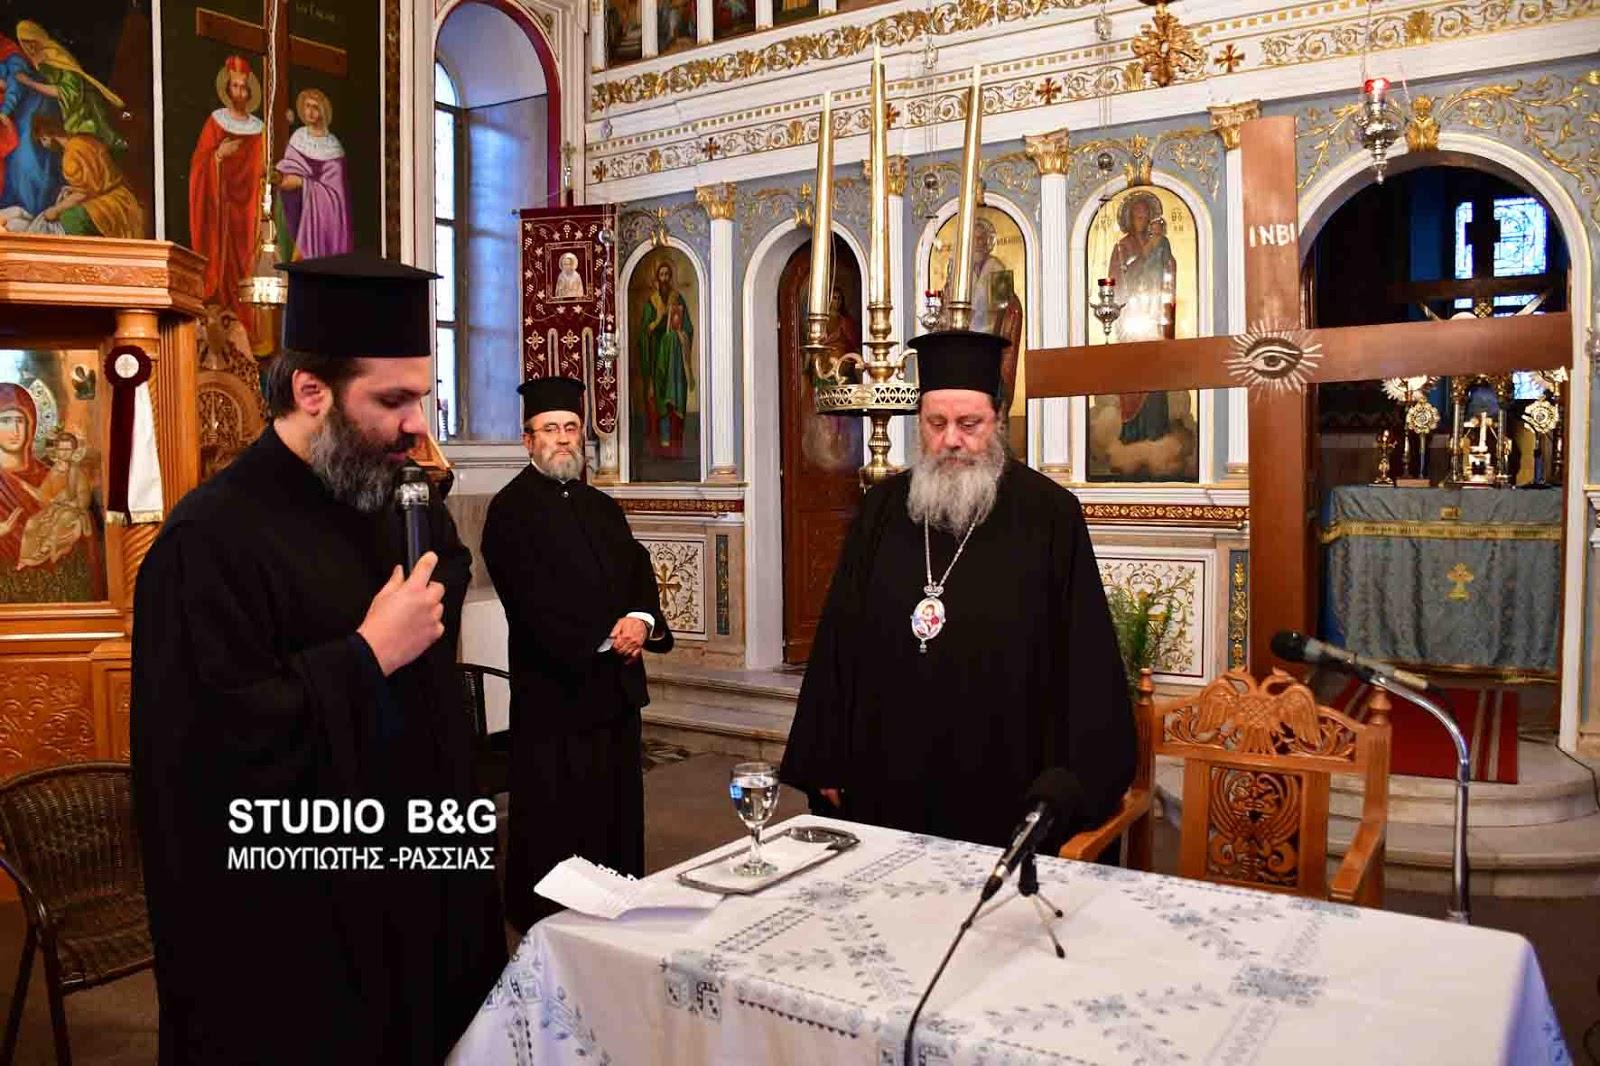 Ολοκληρώθηκαν οι πνευματικές συνάξεις στο Μαλαντρένι Αργολίδος